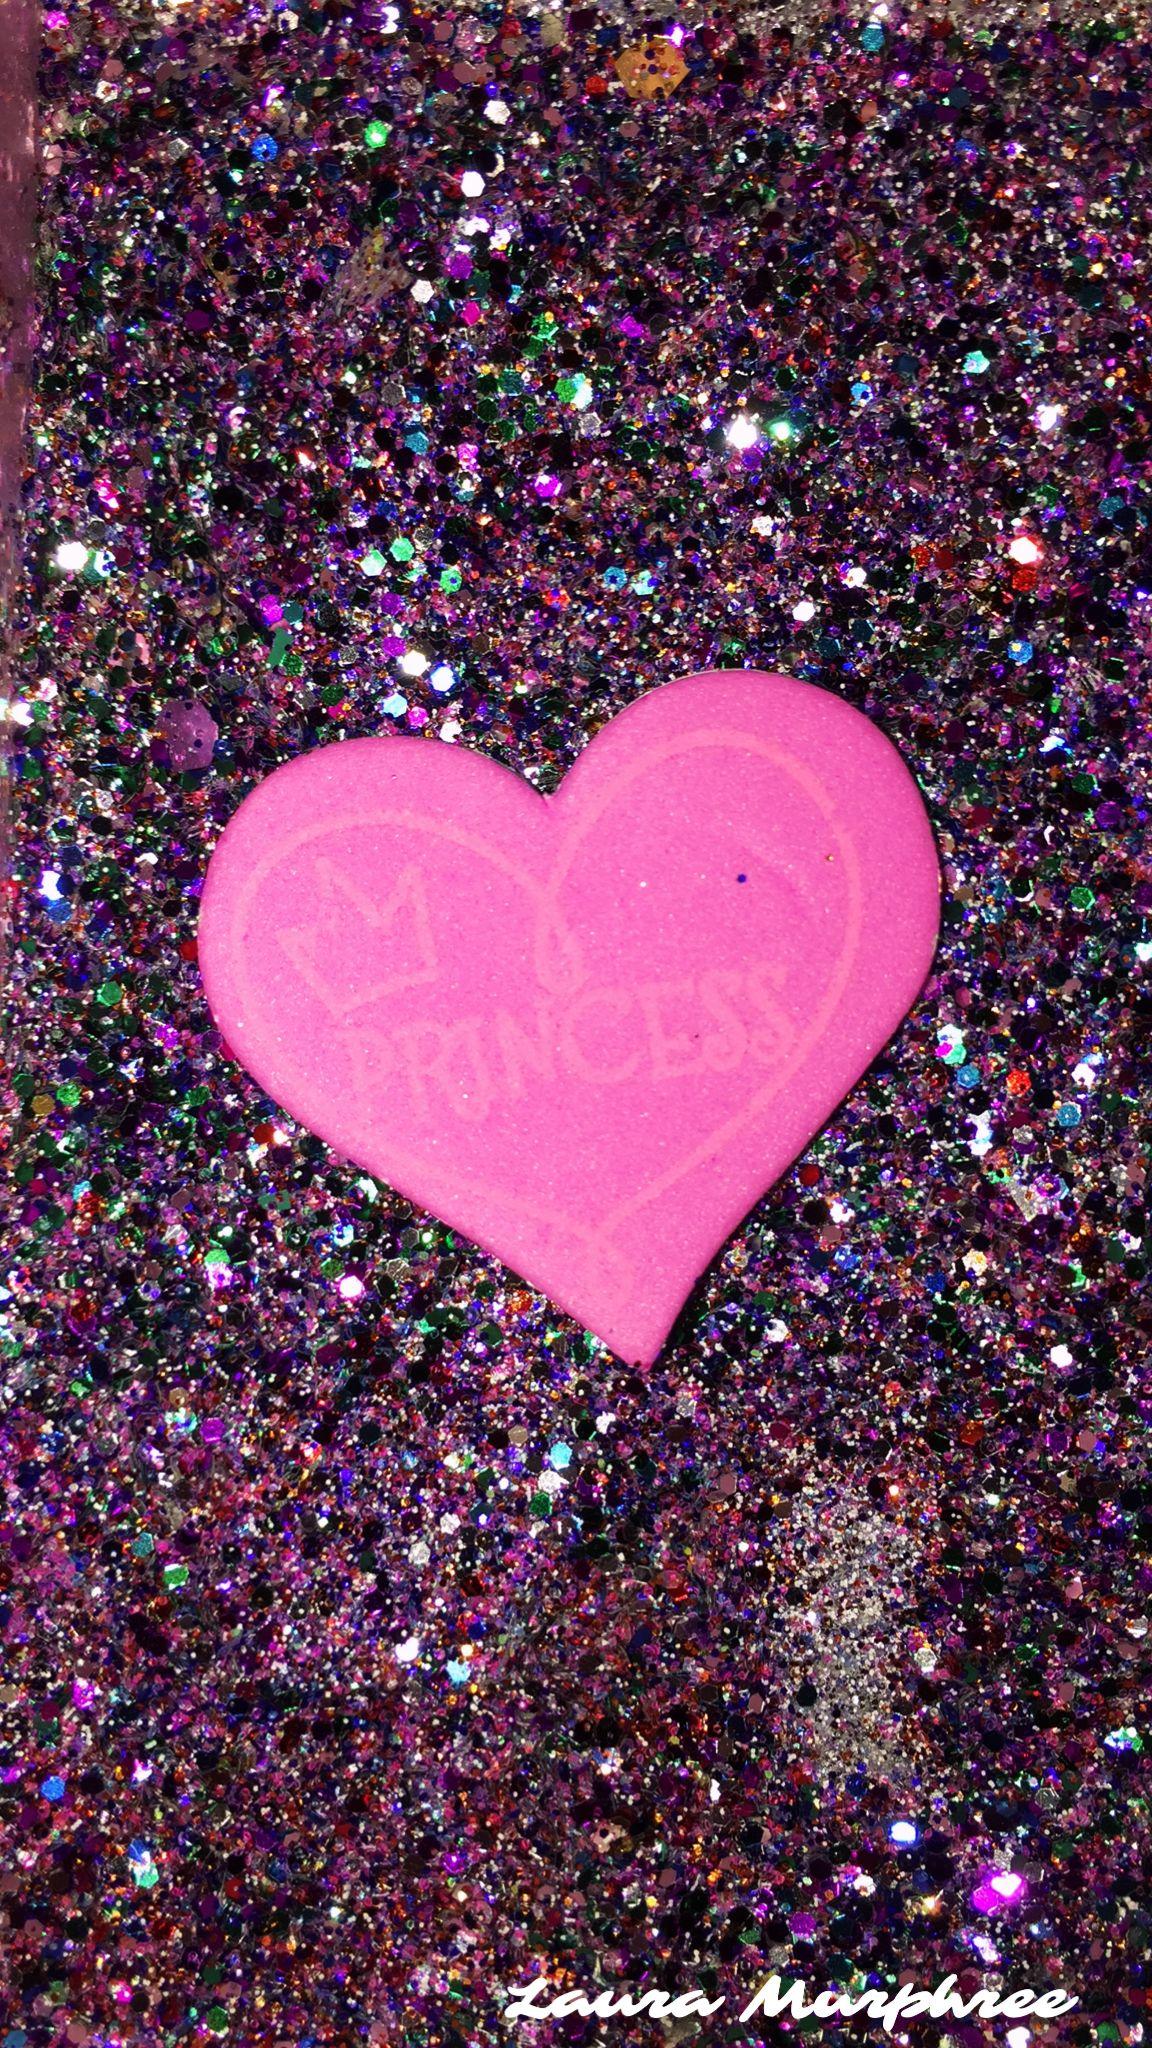 Glitter Phone Wallpaper Sparkle Background Bling Shimmer Sparkles Glittery Pretty Girly Heart Col Glitter Phone Wallpaper Glitter Wallpaper Sparkles Background